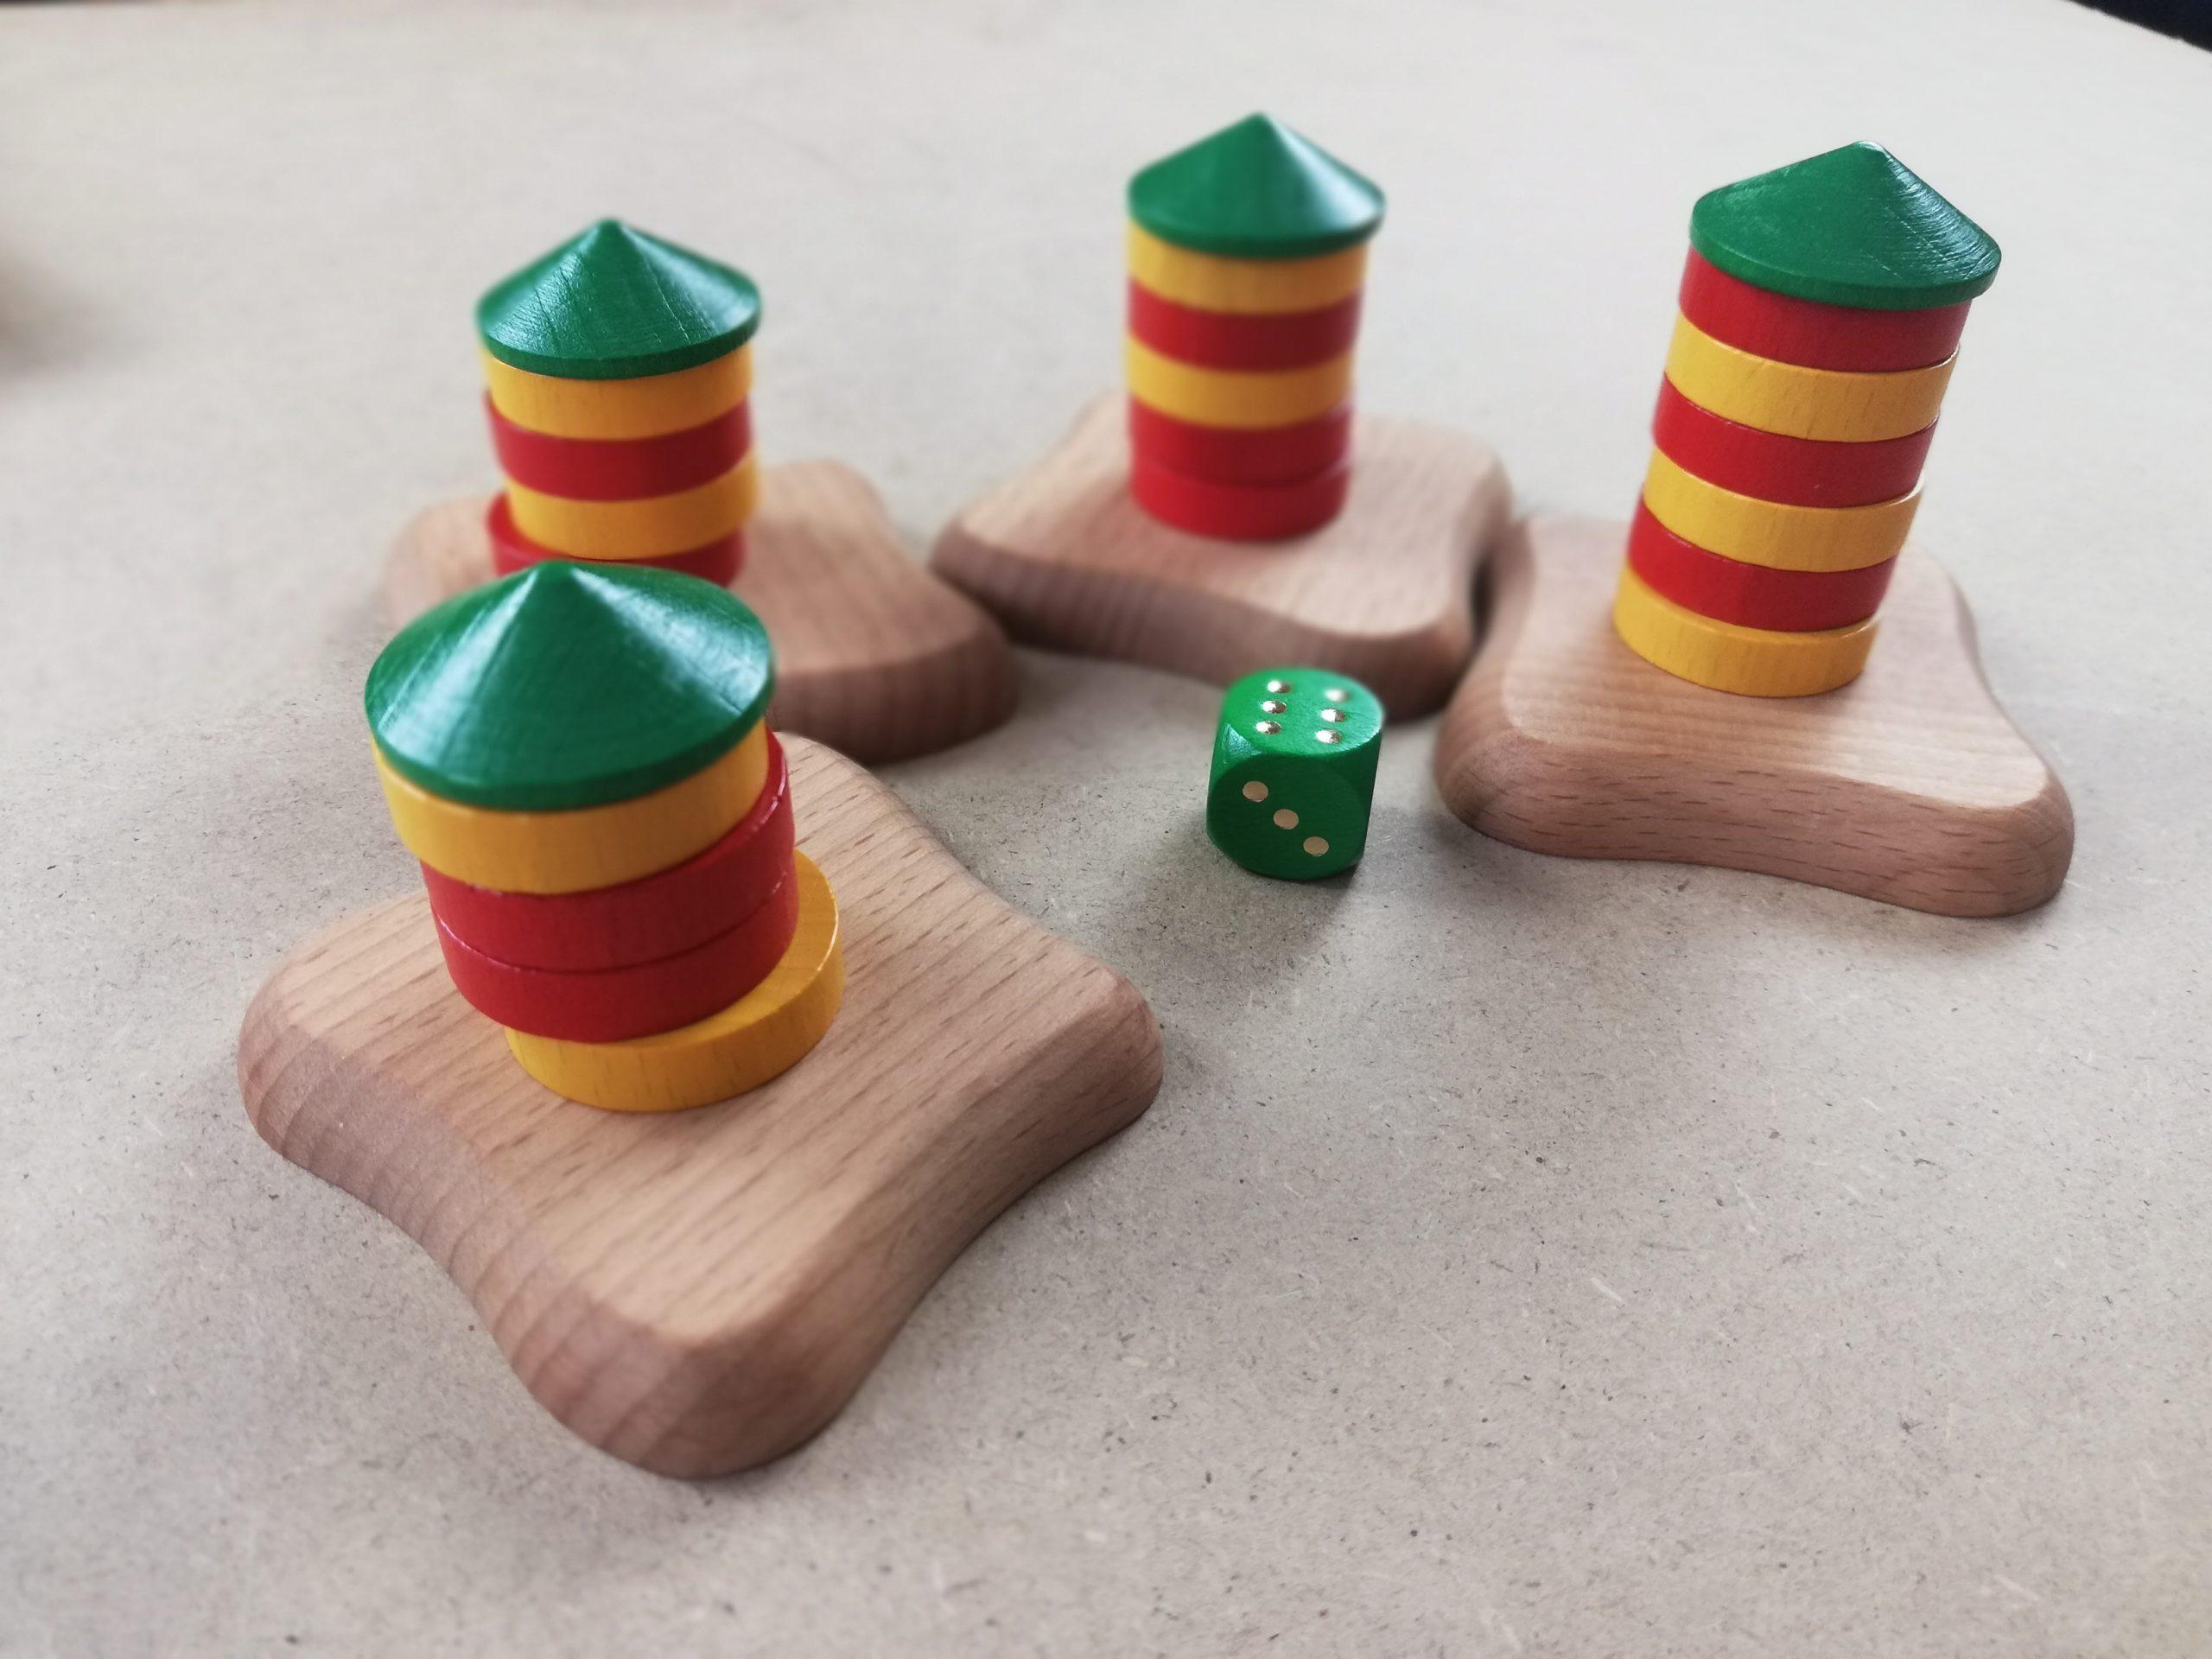 Wertung: Basis 1 Punkt, Dach 3 Punkte, Scheibenpärchen 23 Punkte, Einzelscheiben 1 Punkt, kein Dach -2 Punkte